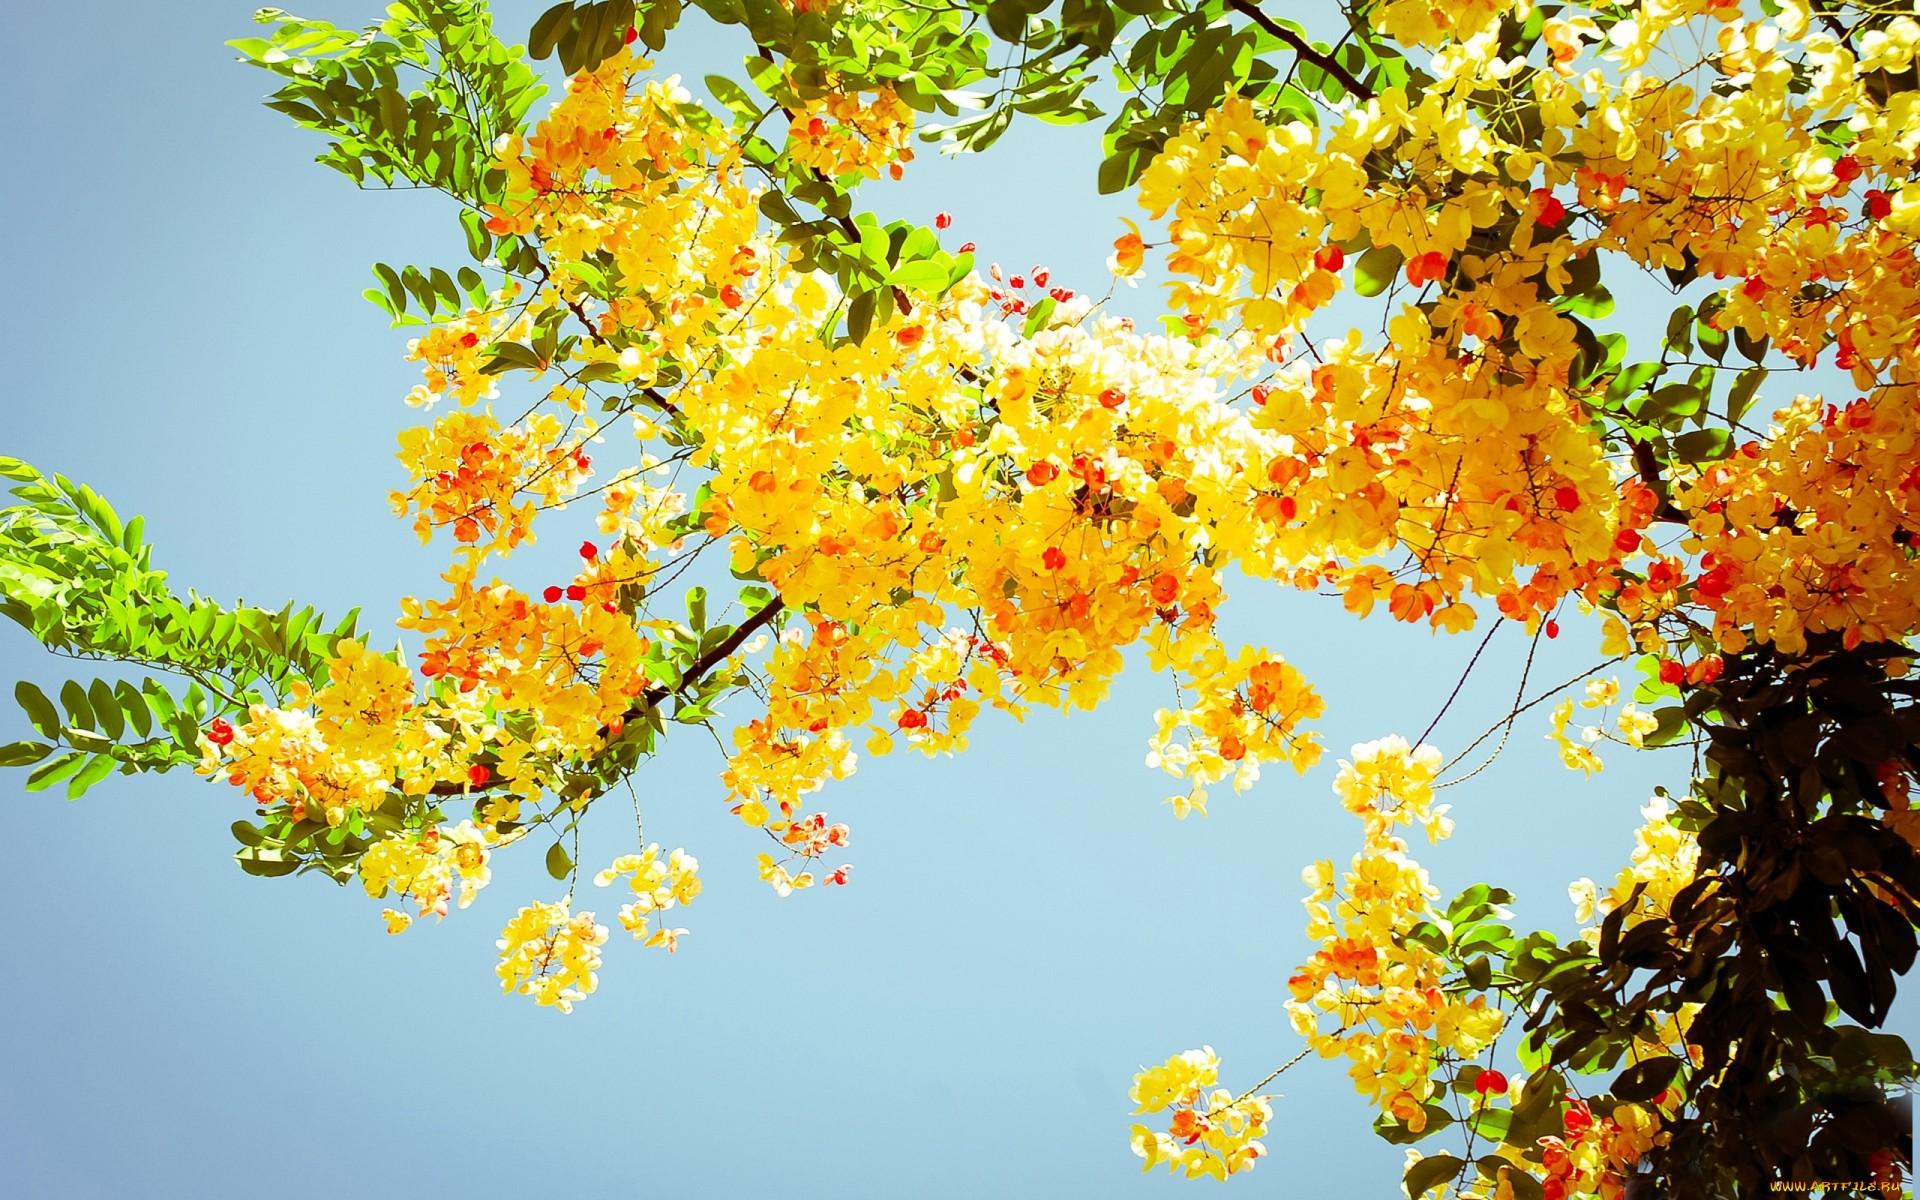 Цветущие деревья 1920 x 1200